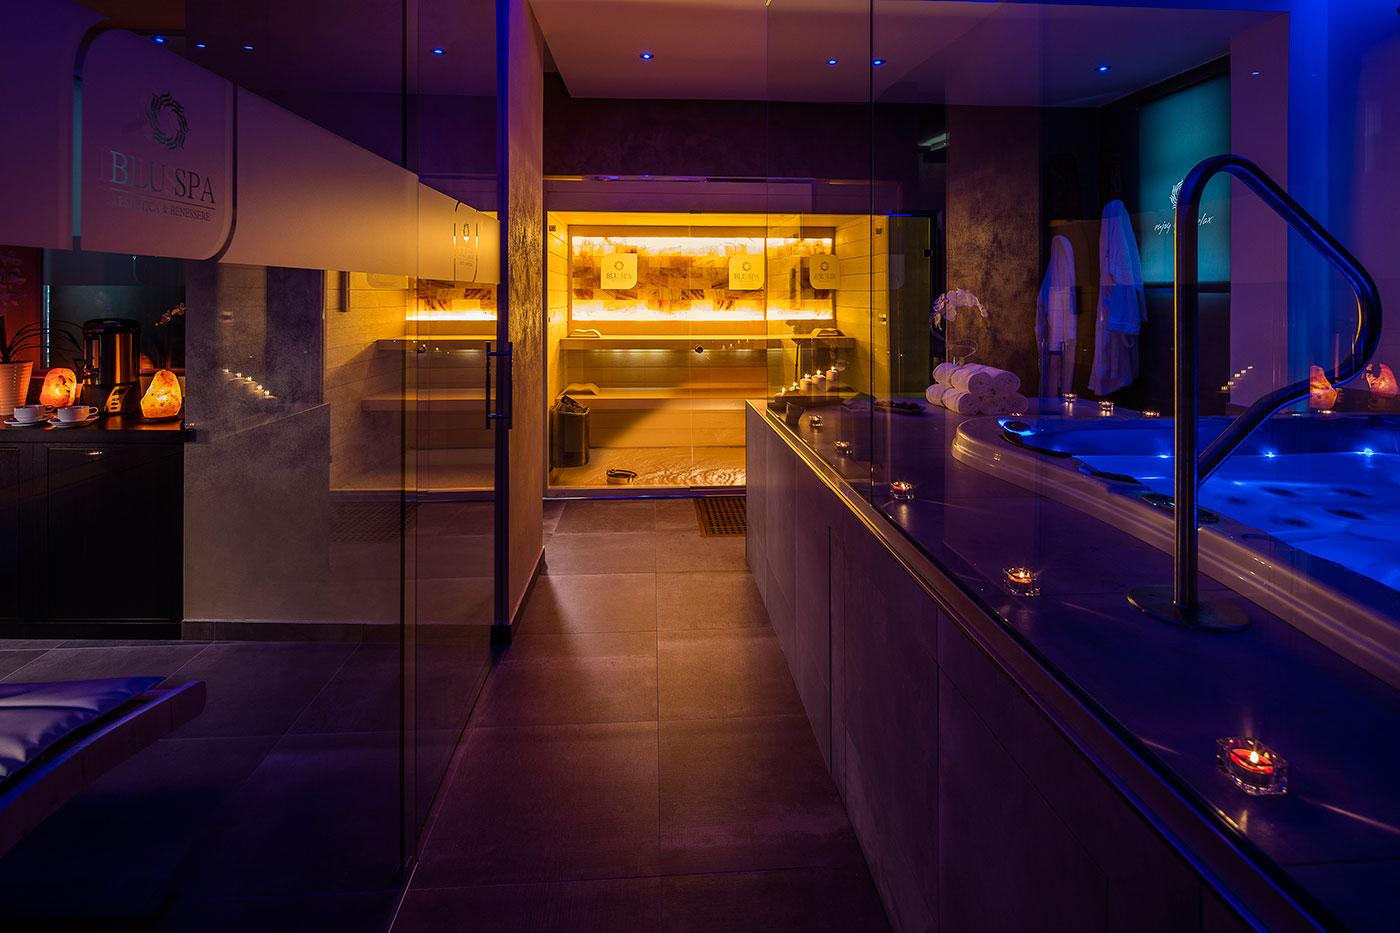 Bagno turco blu spa centro benessere - Benefici del bagno turco ...